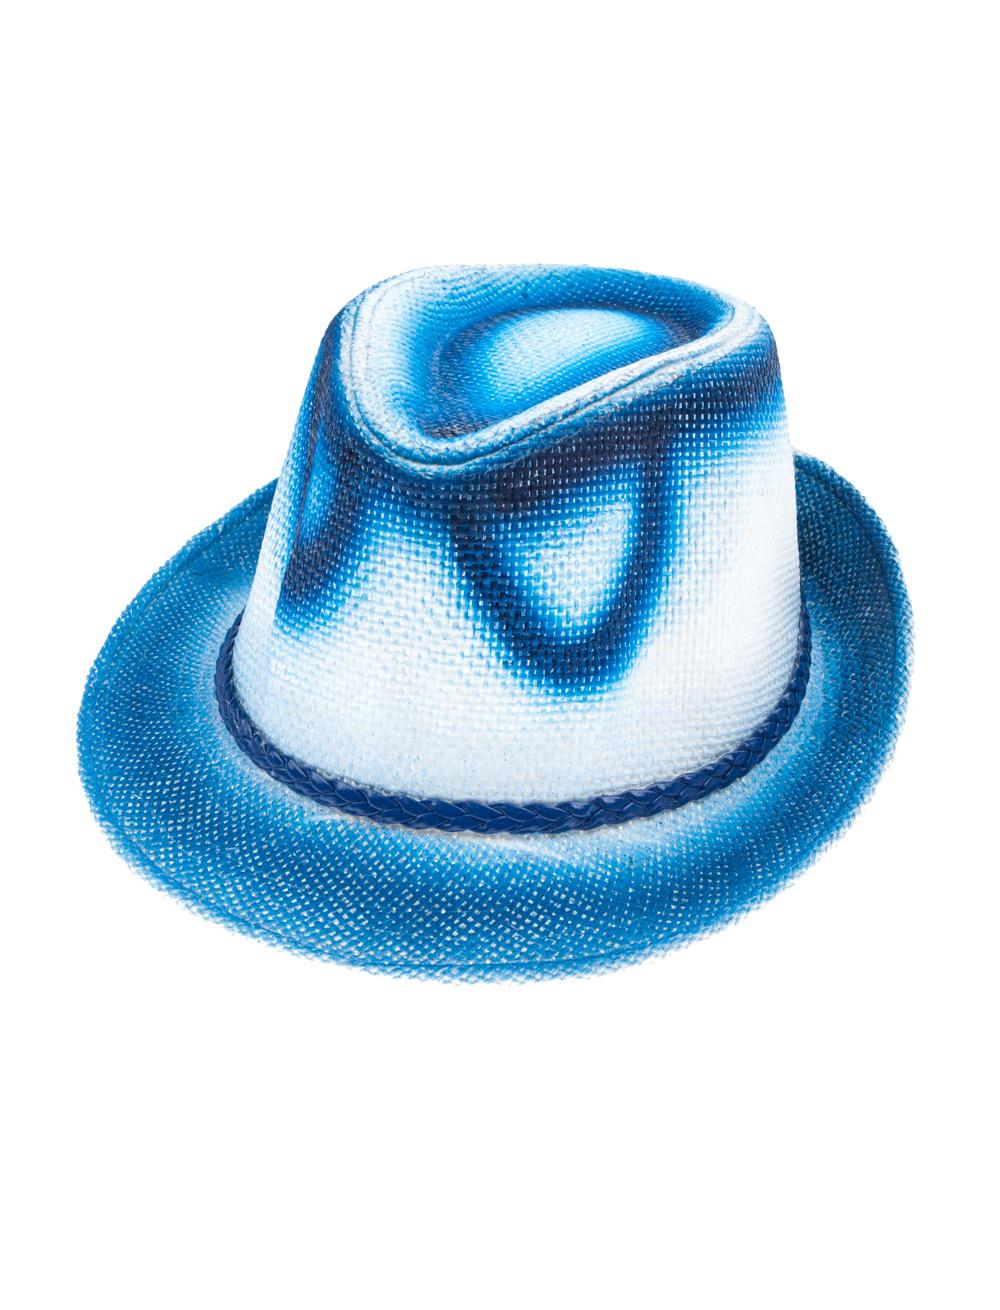 Kostuemzubehor Gangsterhut blau/weiss